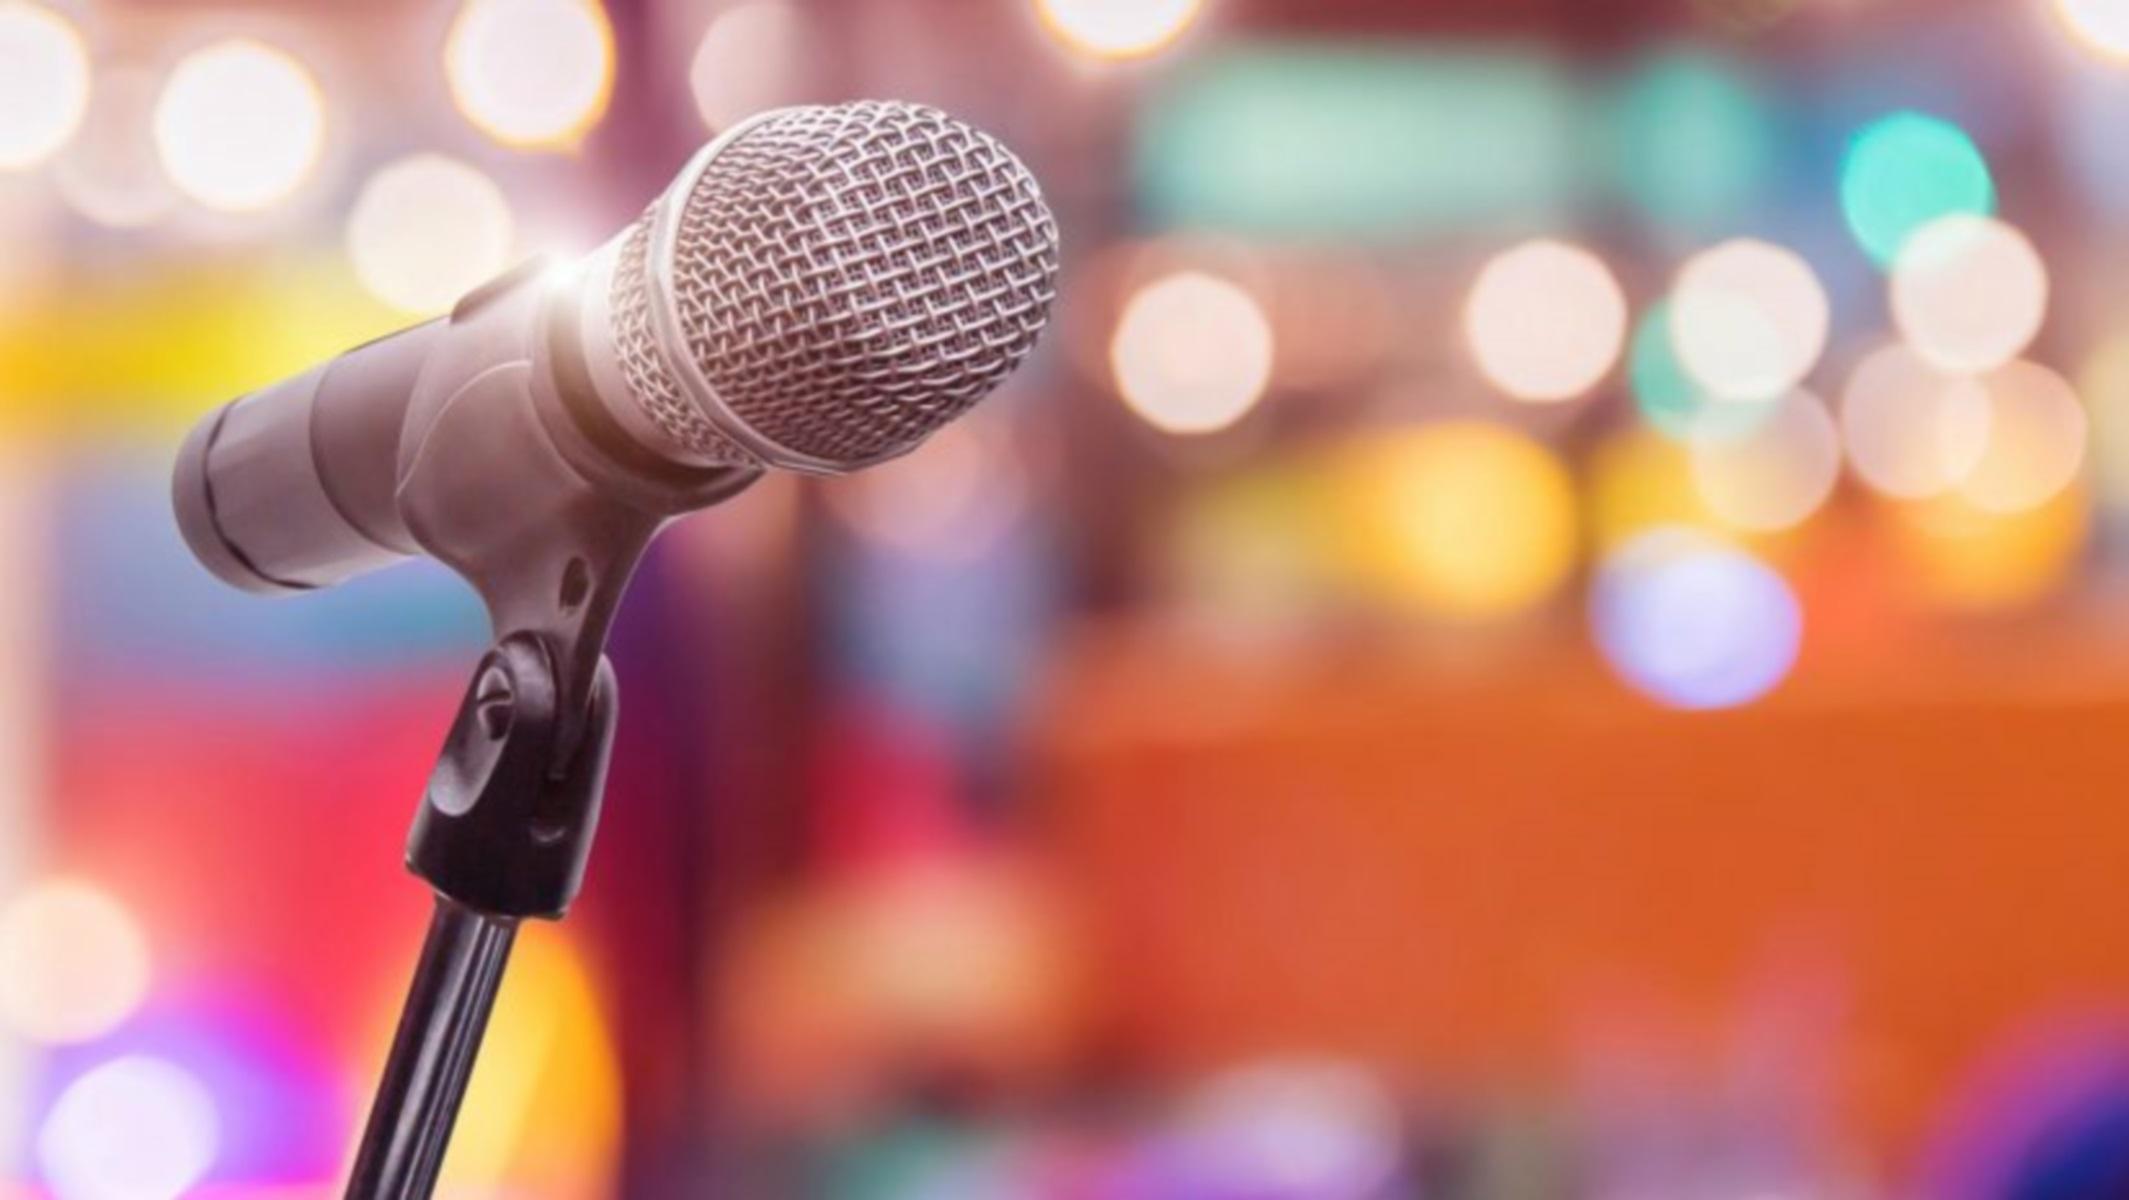 Διάσημο ζευγάρι τραγουδιστών θα κάνει κοινή περιοδεία – Video